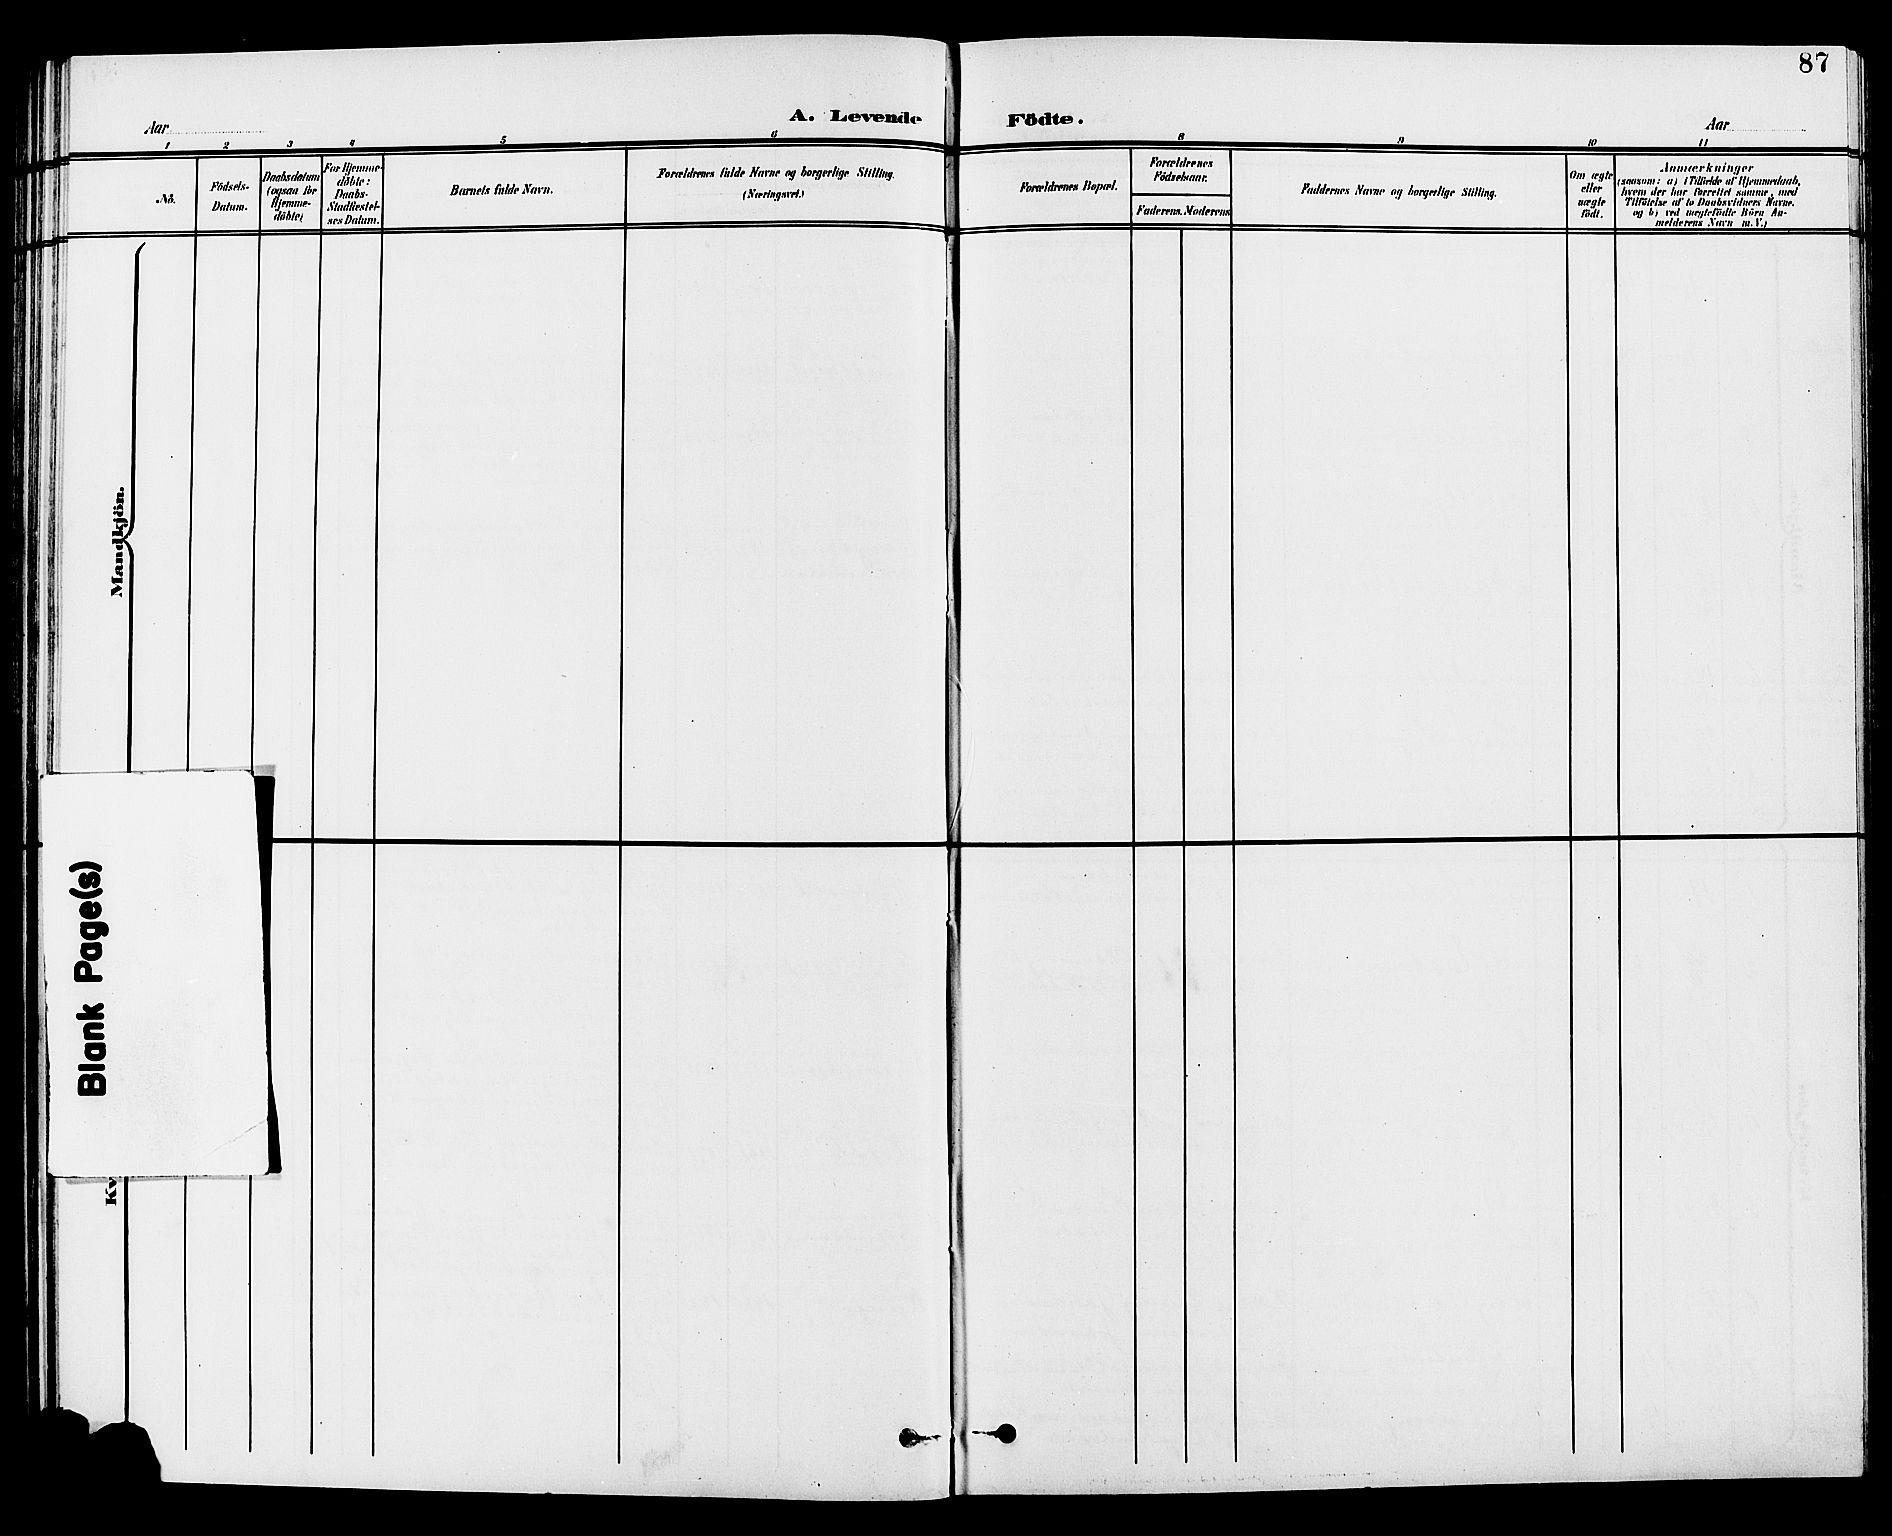 SAH, Vestre Toten prestekontor, Klokkerbok nr. 10, 1900-1912, s. 87